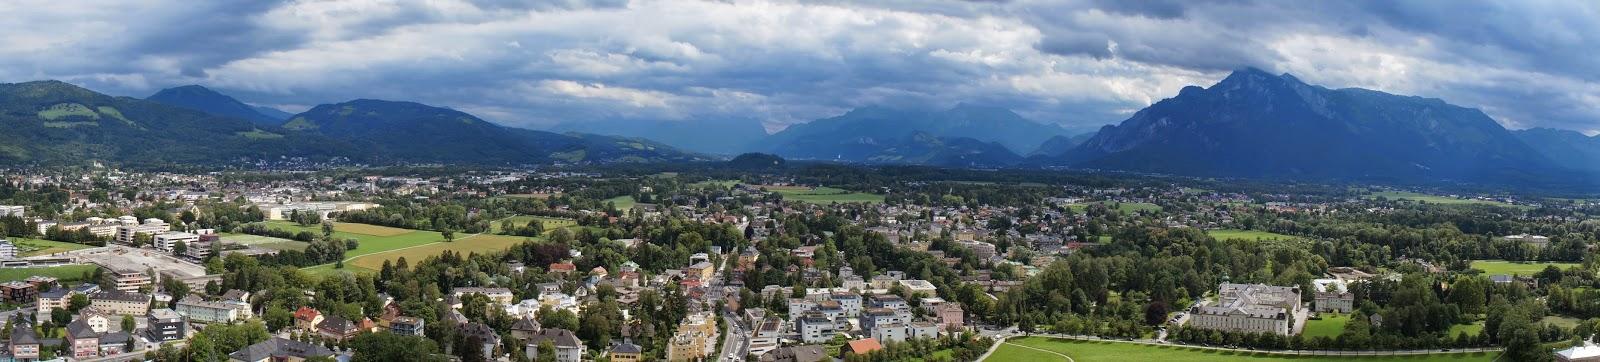 Панорама-Австрия